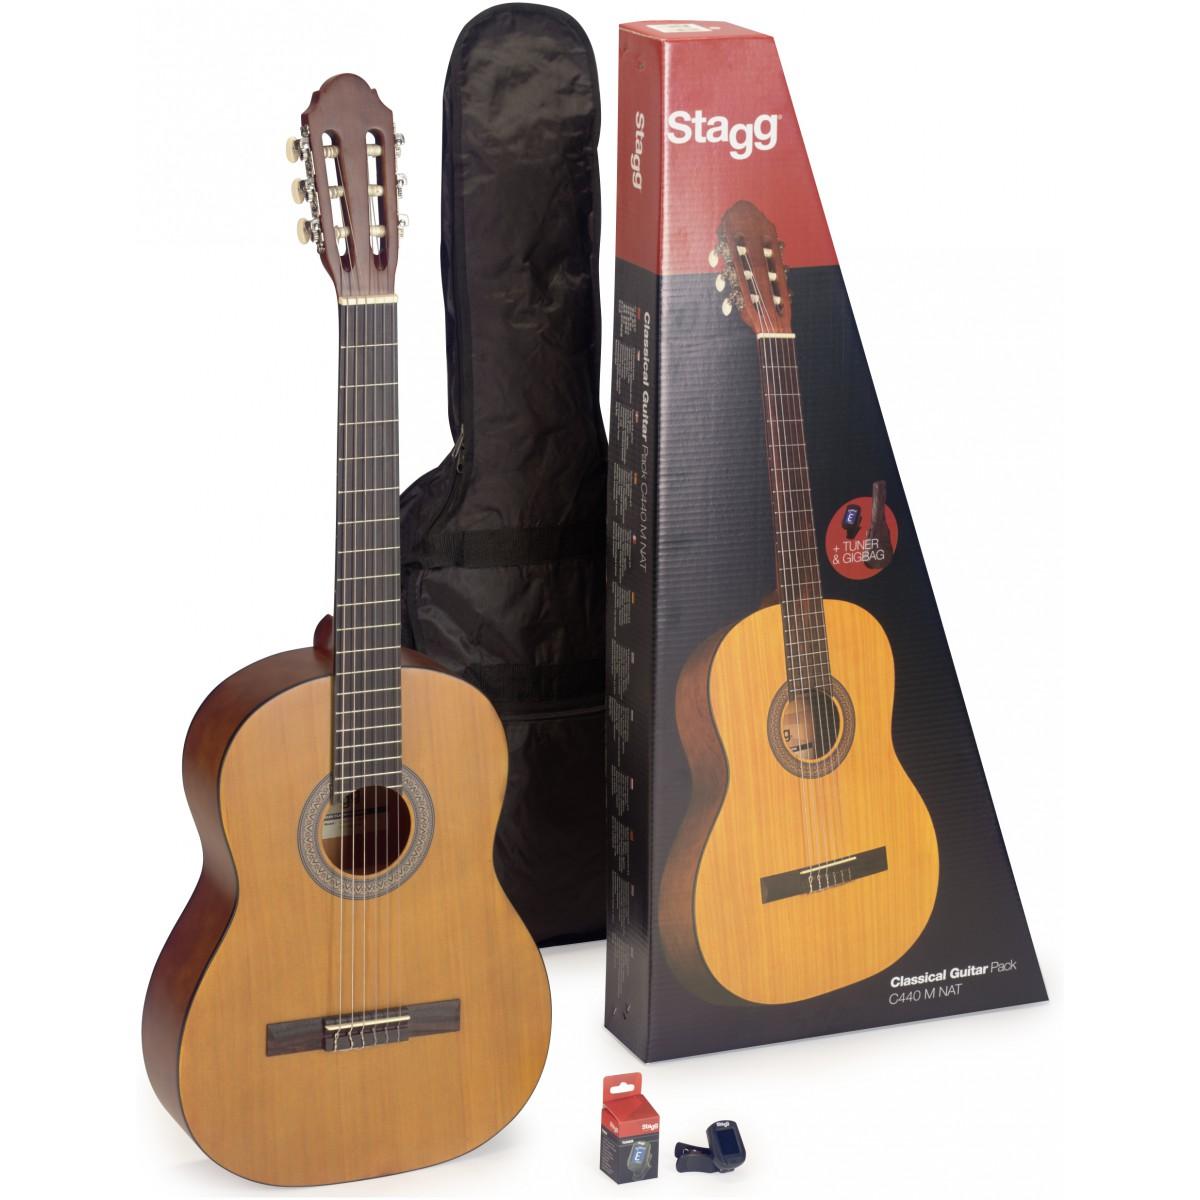 Stagg C440 PACK M NAT, kytarová sada